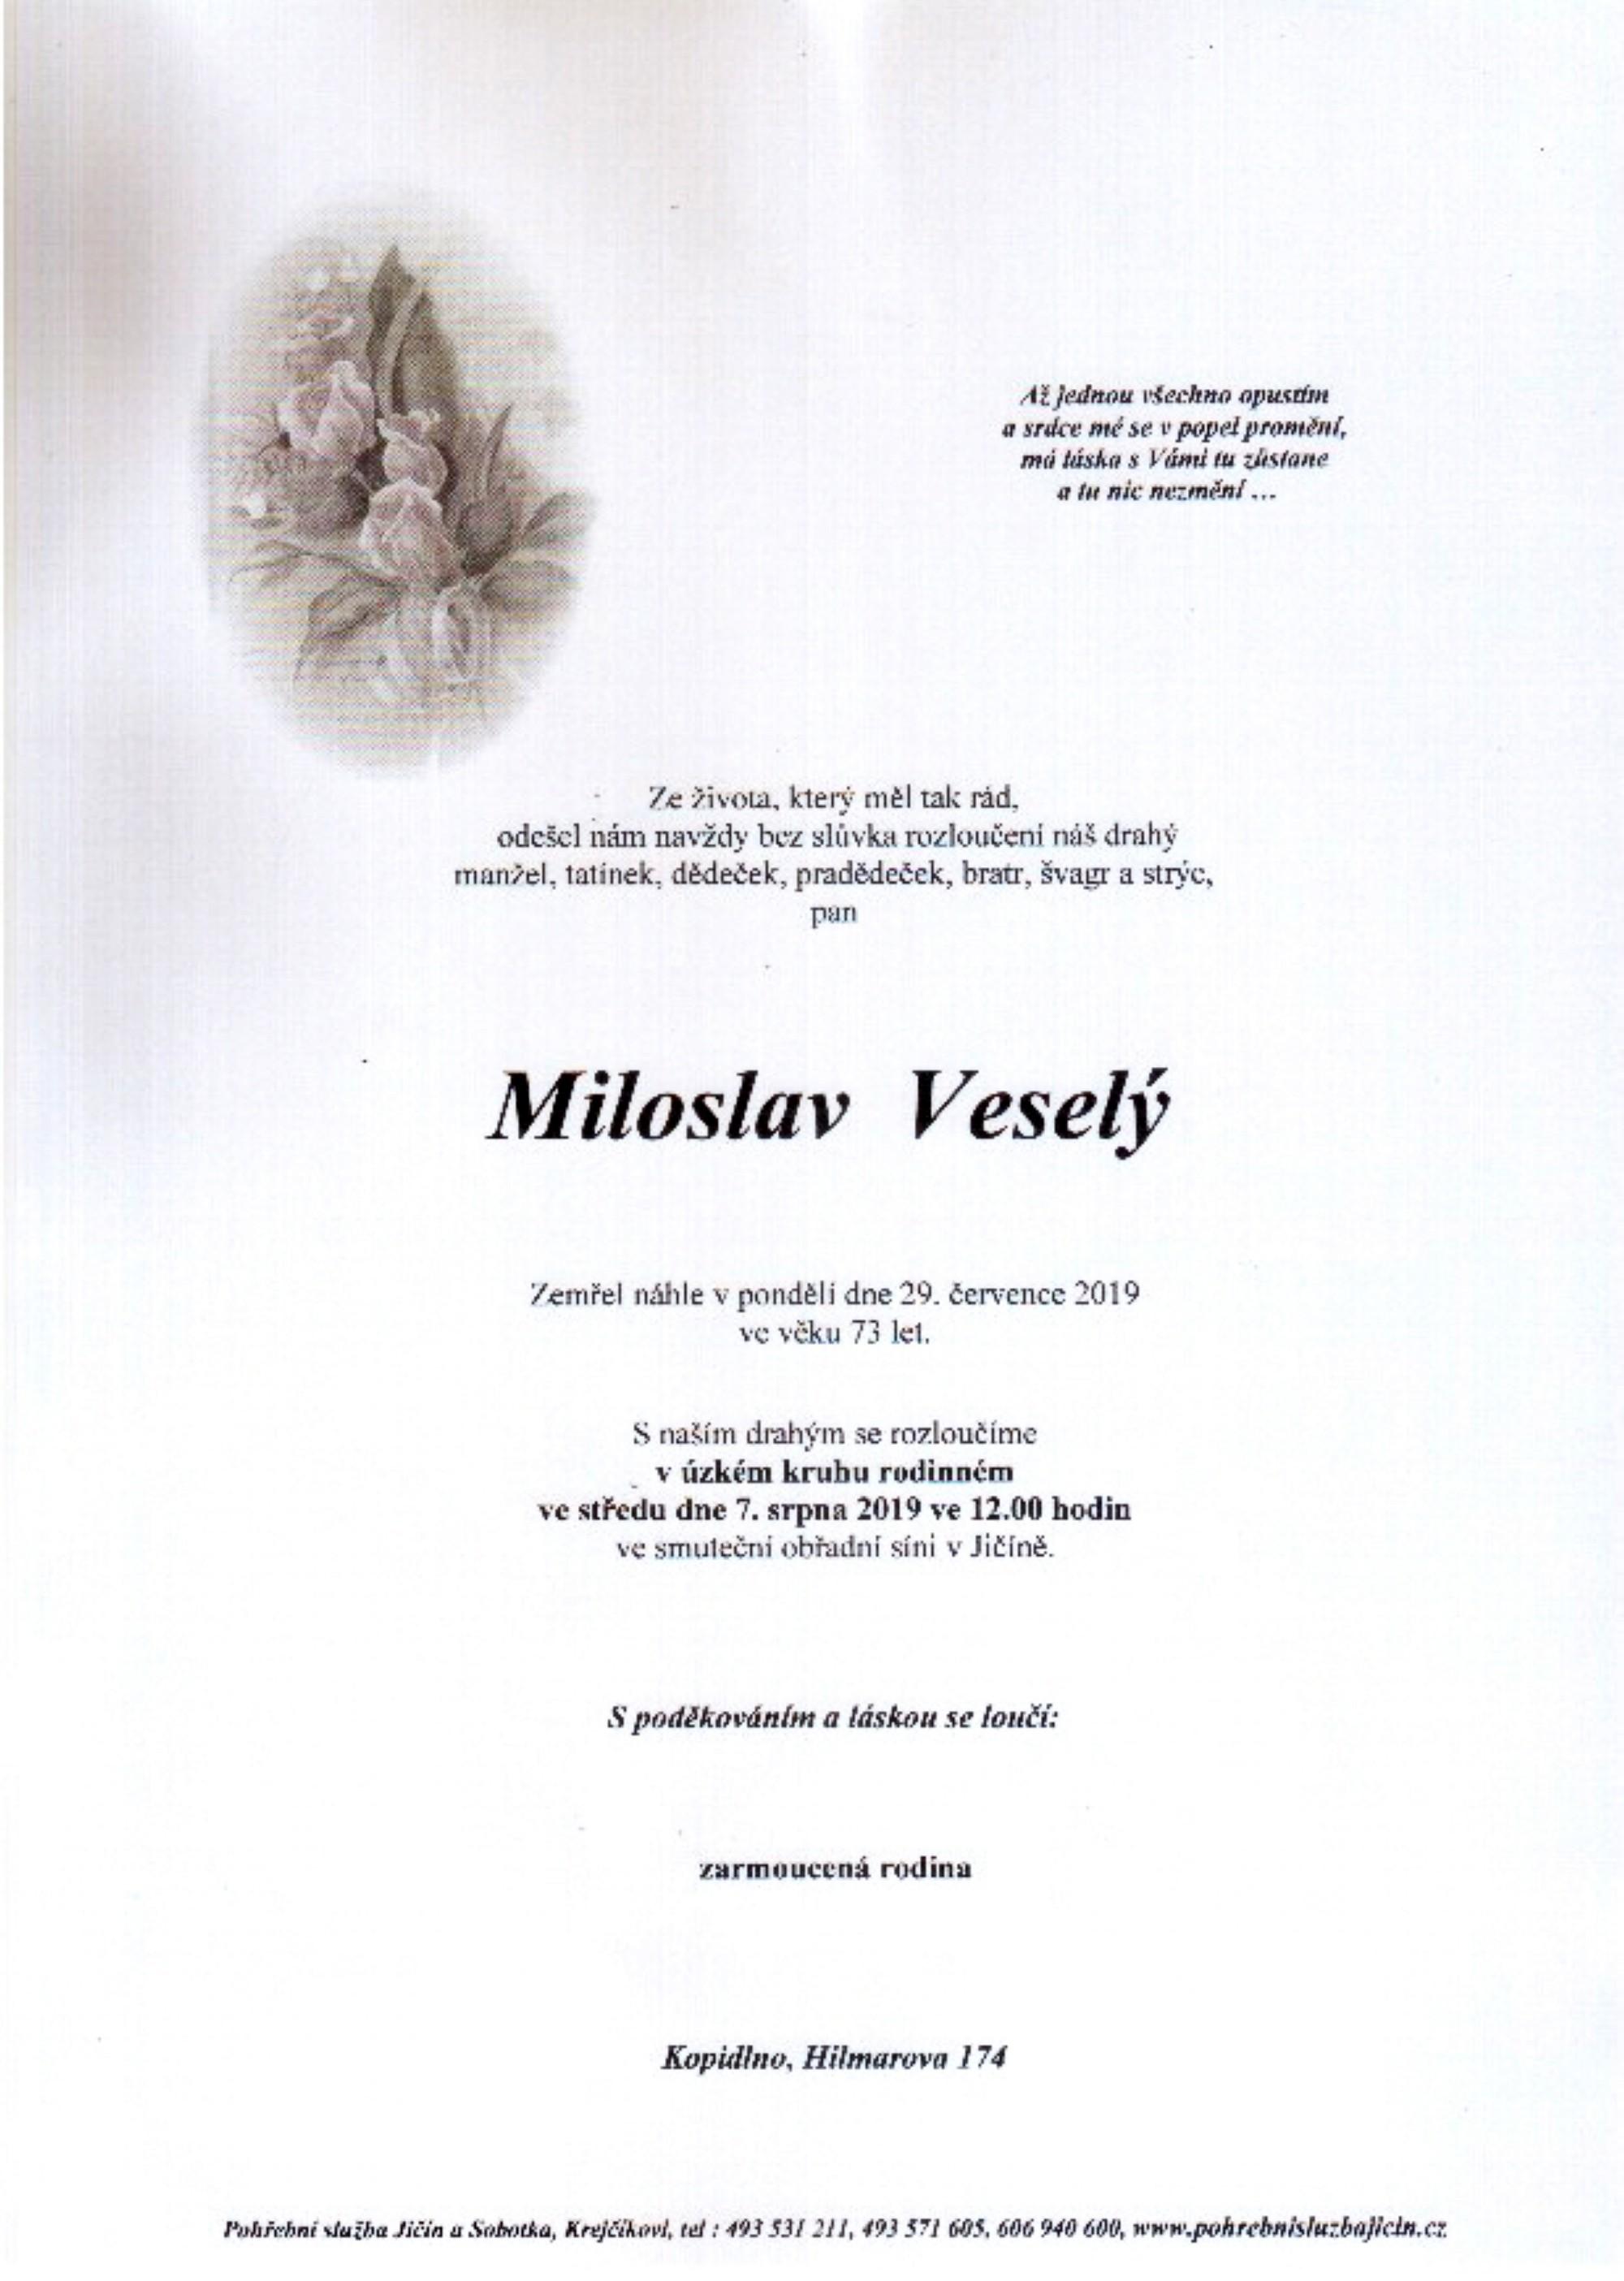 Miloslav Veselý